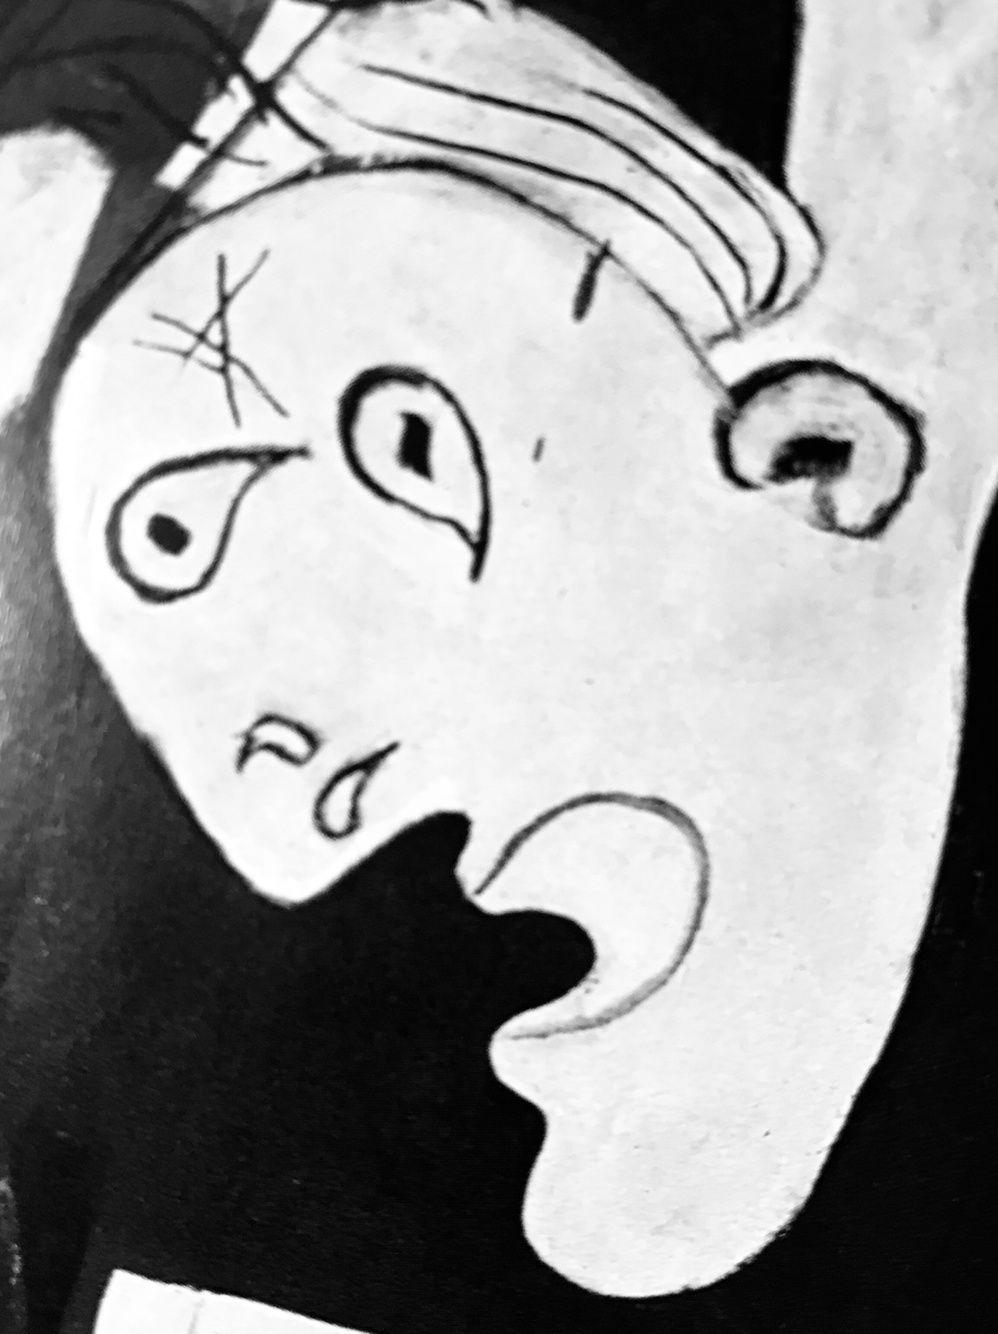 Génèse de Guernica de Picasso : Une découverte de l'artiste Ivan Sigg